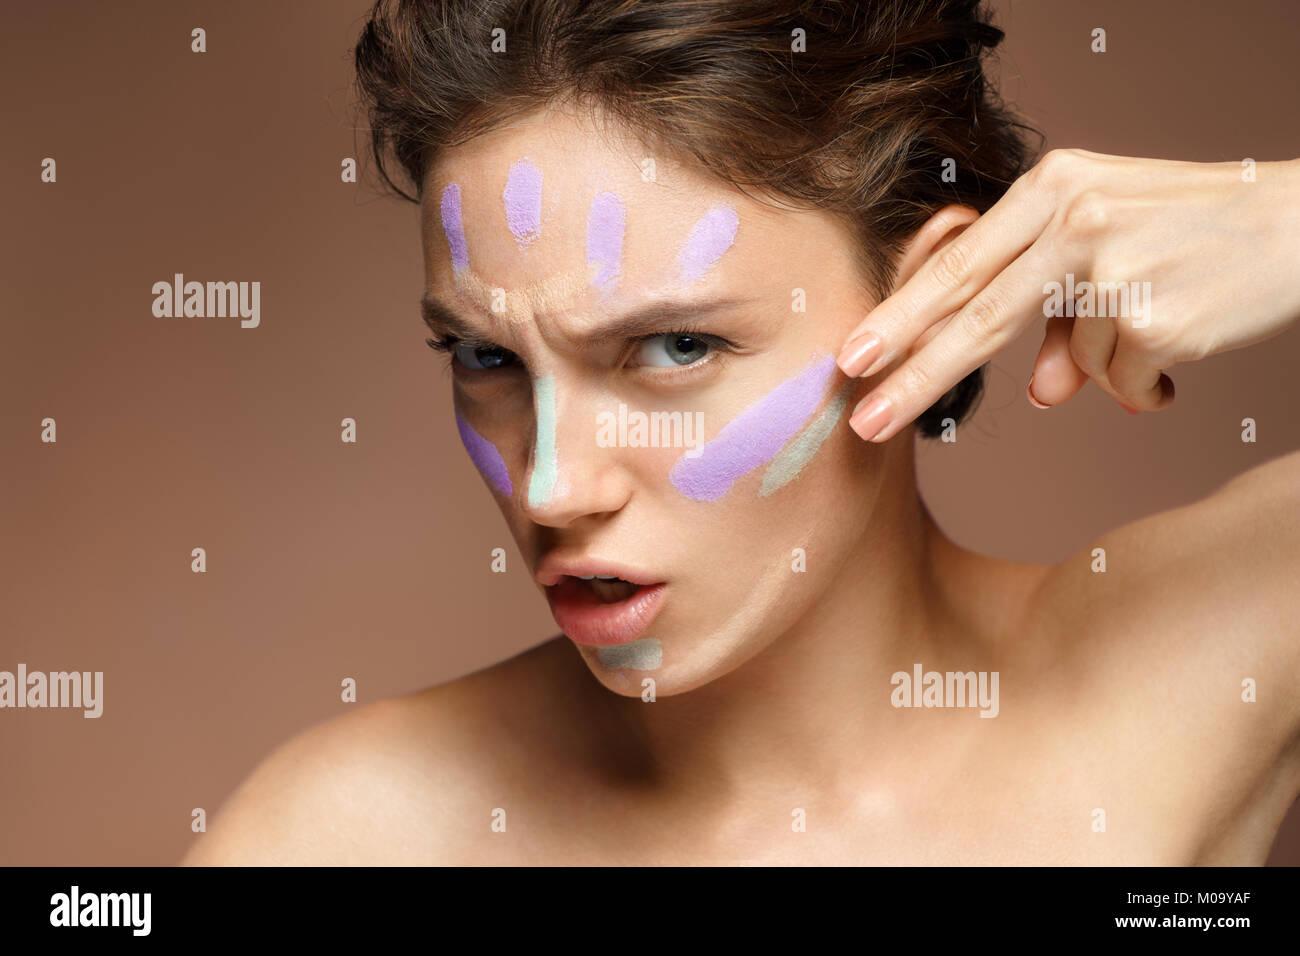 Resolute Frau tun mit Make-up Concealer. Foto schöne Brünette Frau auf braunen Hintergrund. Hautpflege Stockbild